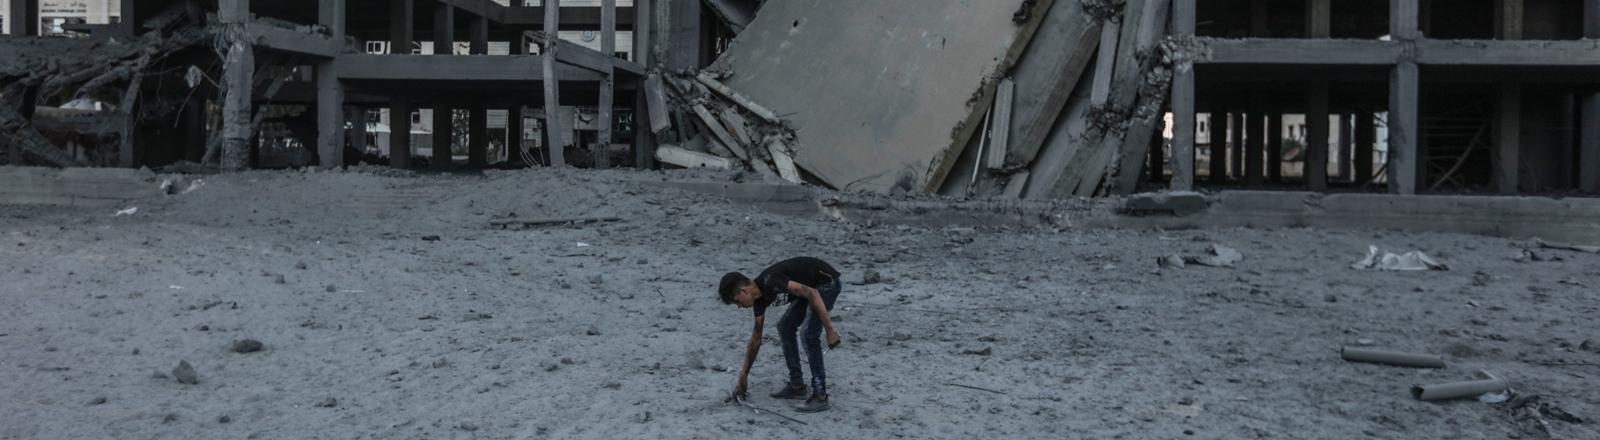 Mann vor bombardierten Häusern im Gazastreifen